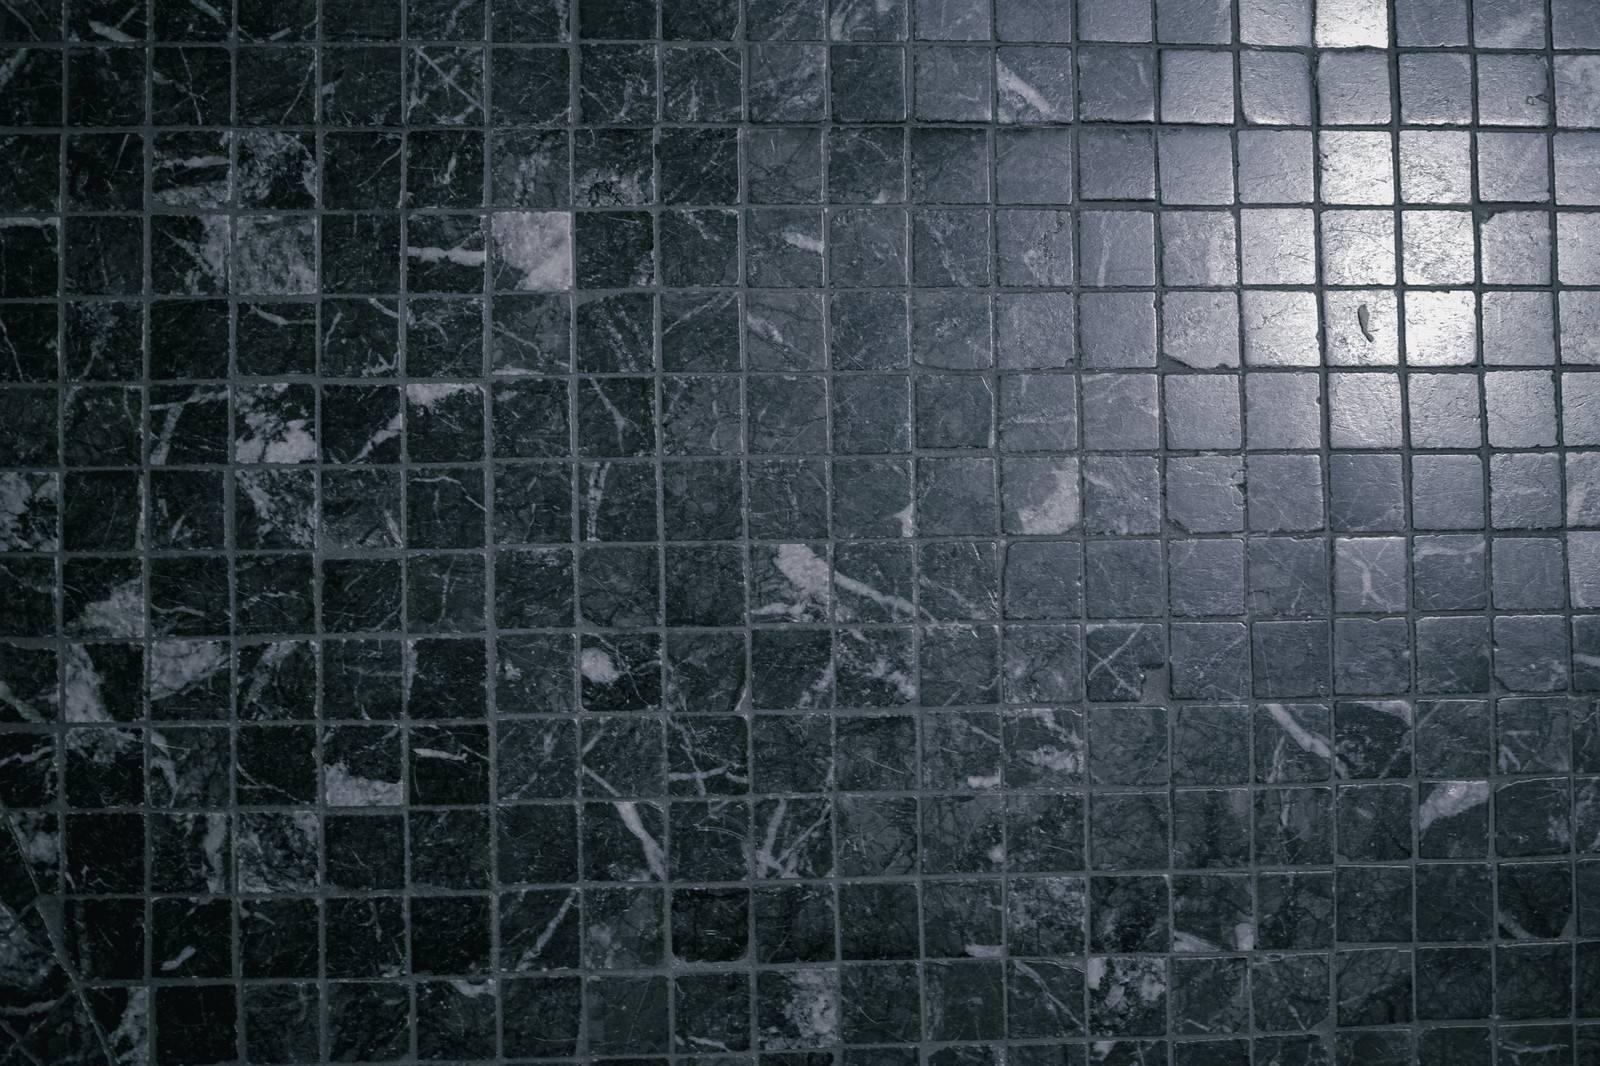 「大理石のような模様のタイル(テクスチャ)」の写真